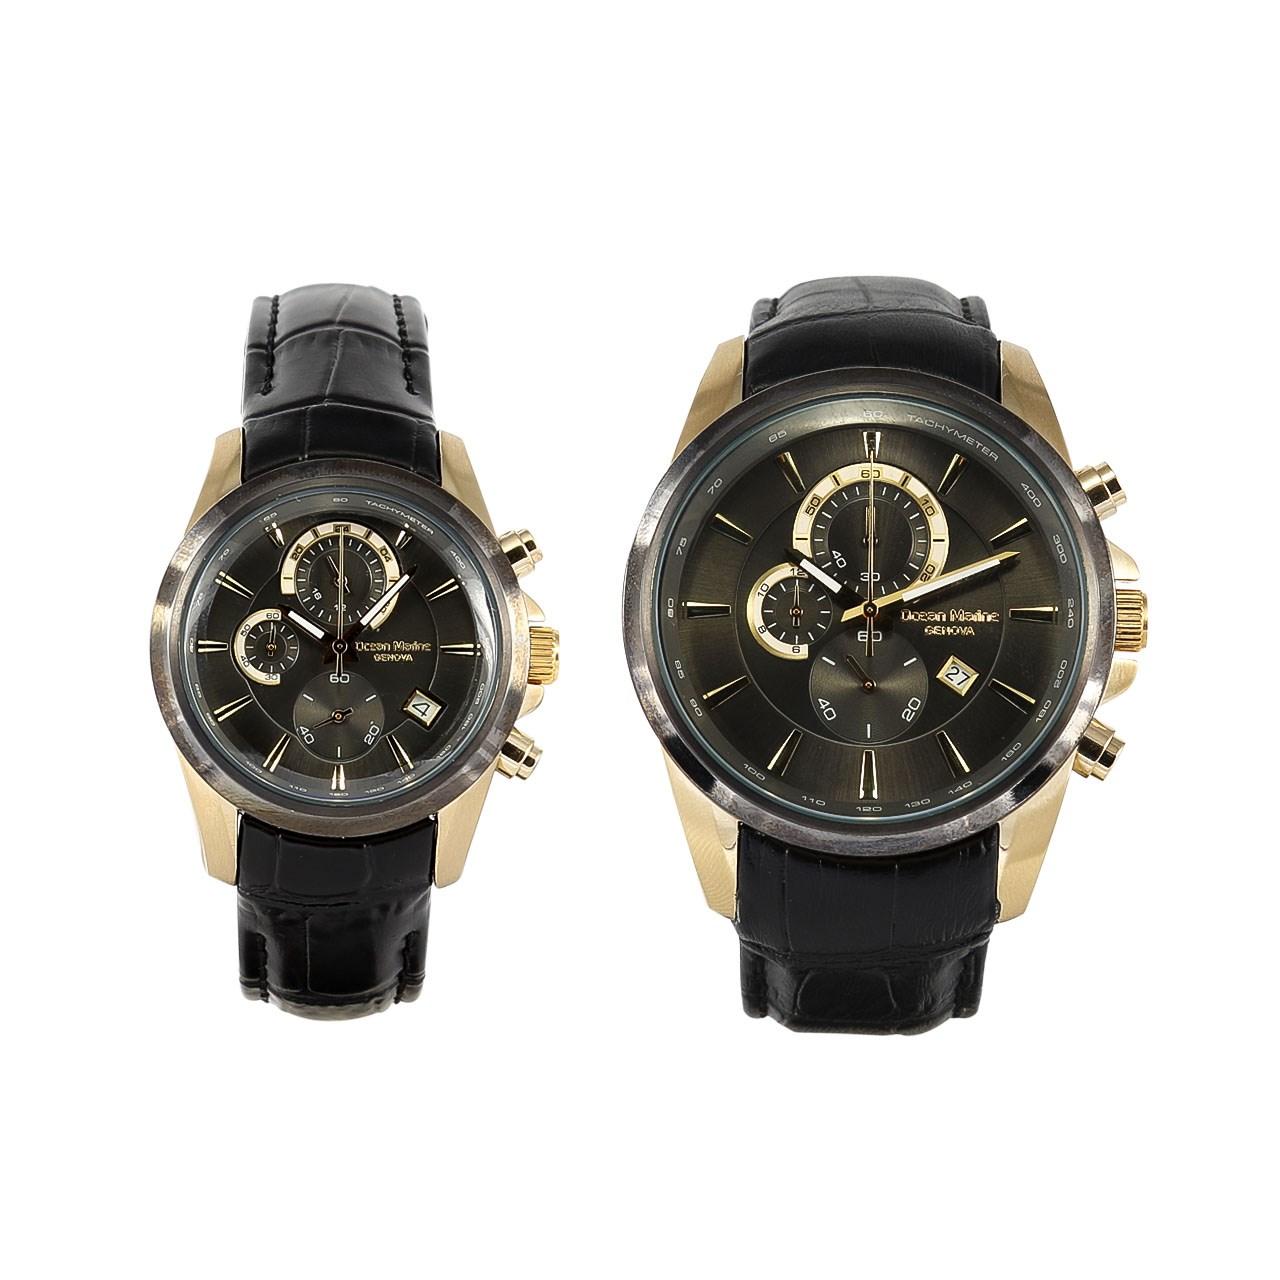 ساعت ست مردانه و زنانه اوشن مارین مدل OM-8101L-1 و OM-8101G-1 10